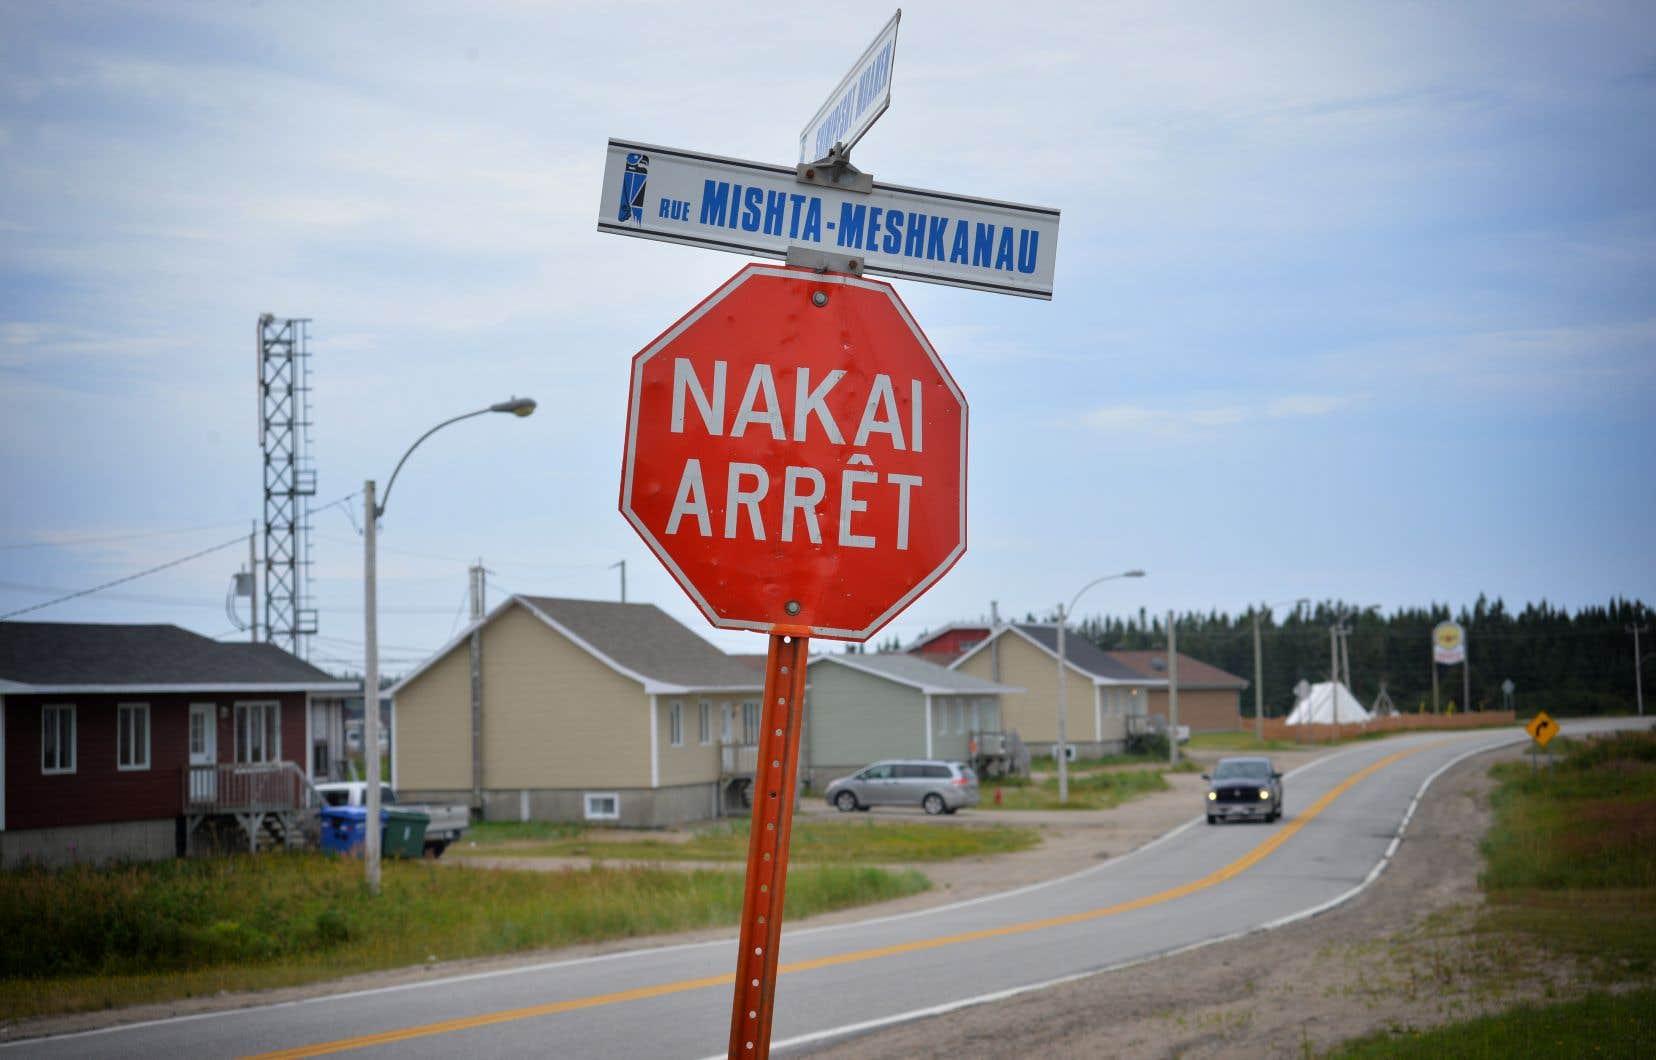 La communauté innue d'Ekuanitshit est située à 200 km à l'est de Sept-Iles, au confluent de la rivière Mingan et du fleuve St-Laurent. Elle compte une population de 553 personnes.